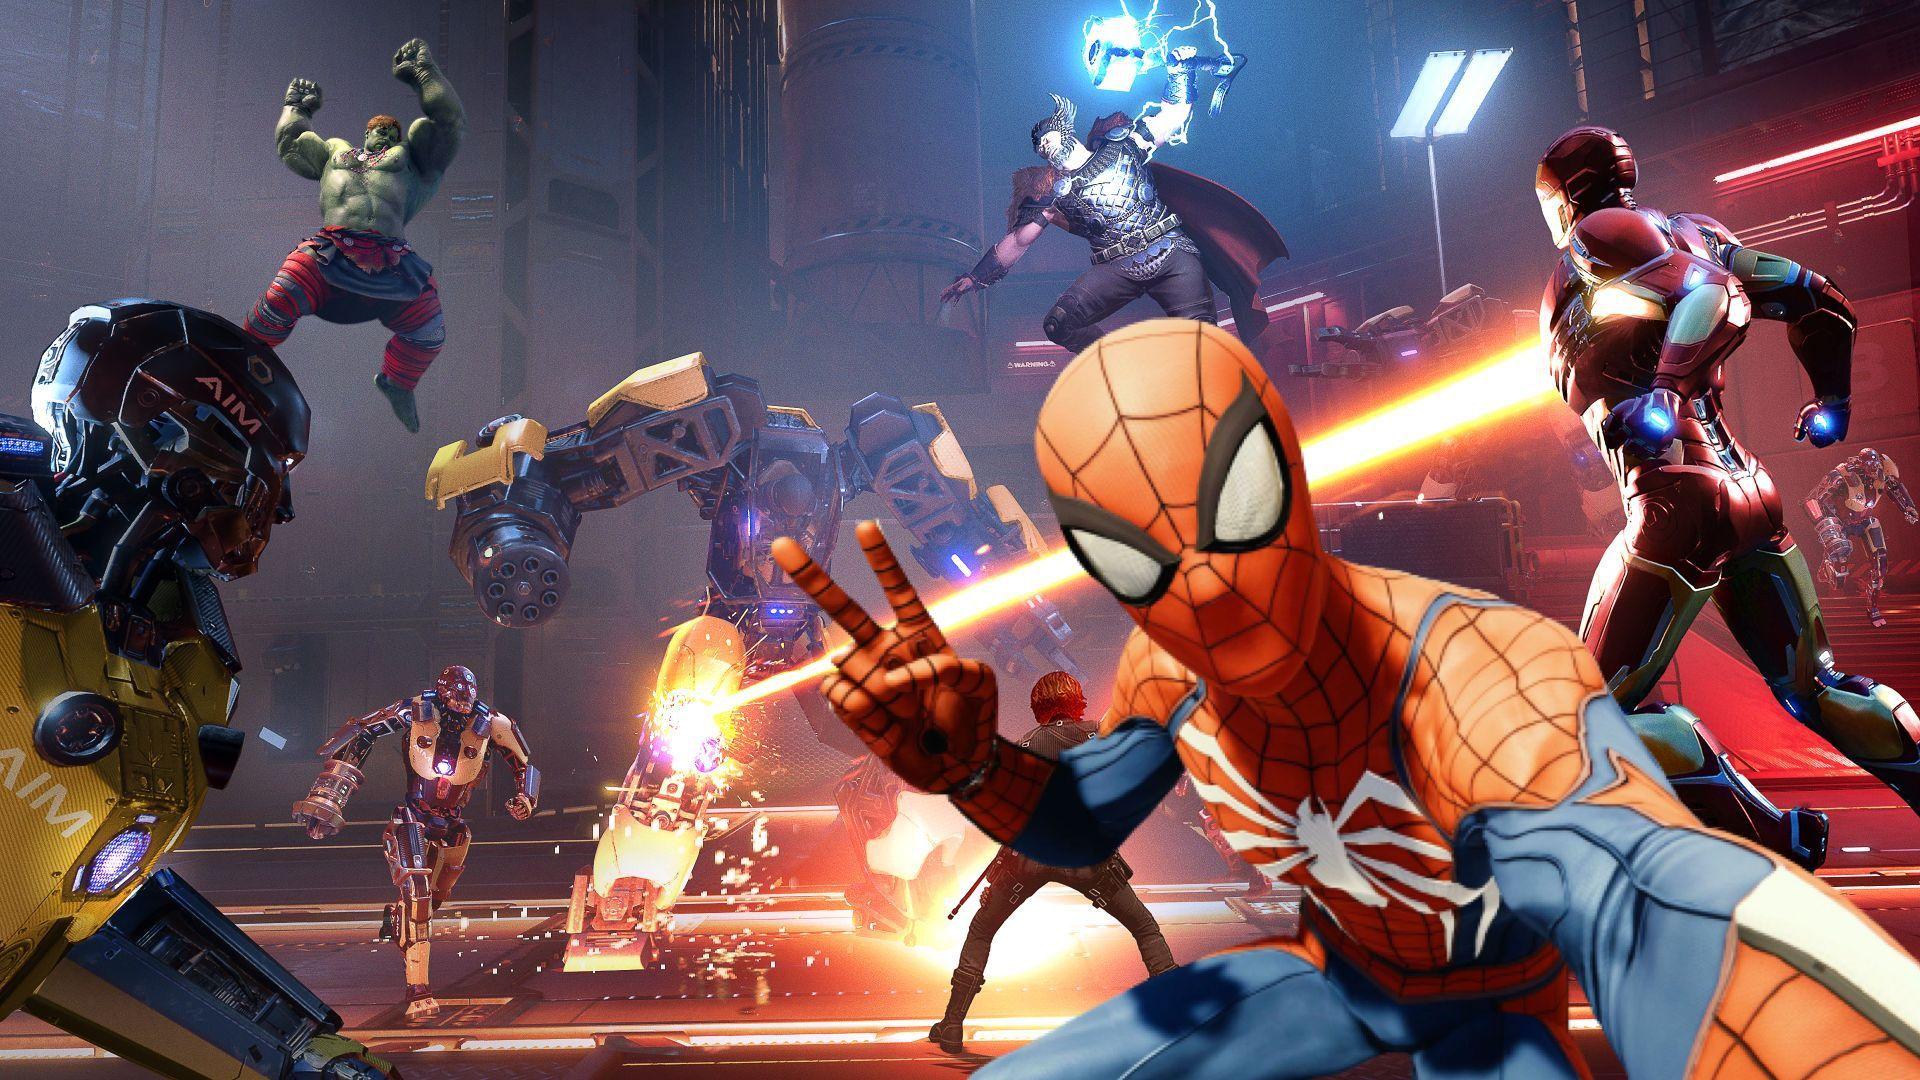 Spider-man zamíří do hry Marvel's Avengers, ale pouze na konzolích Playstation